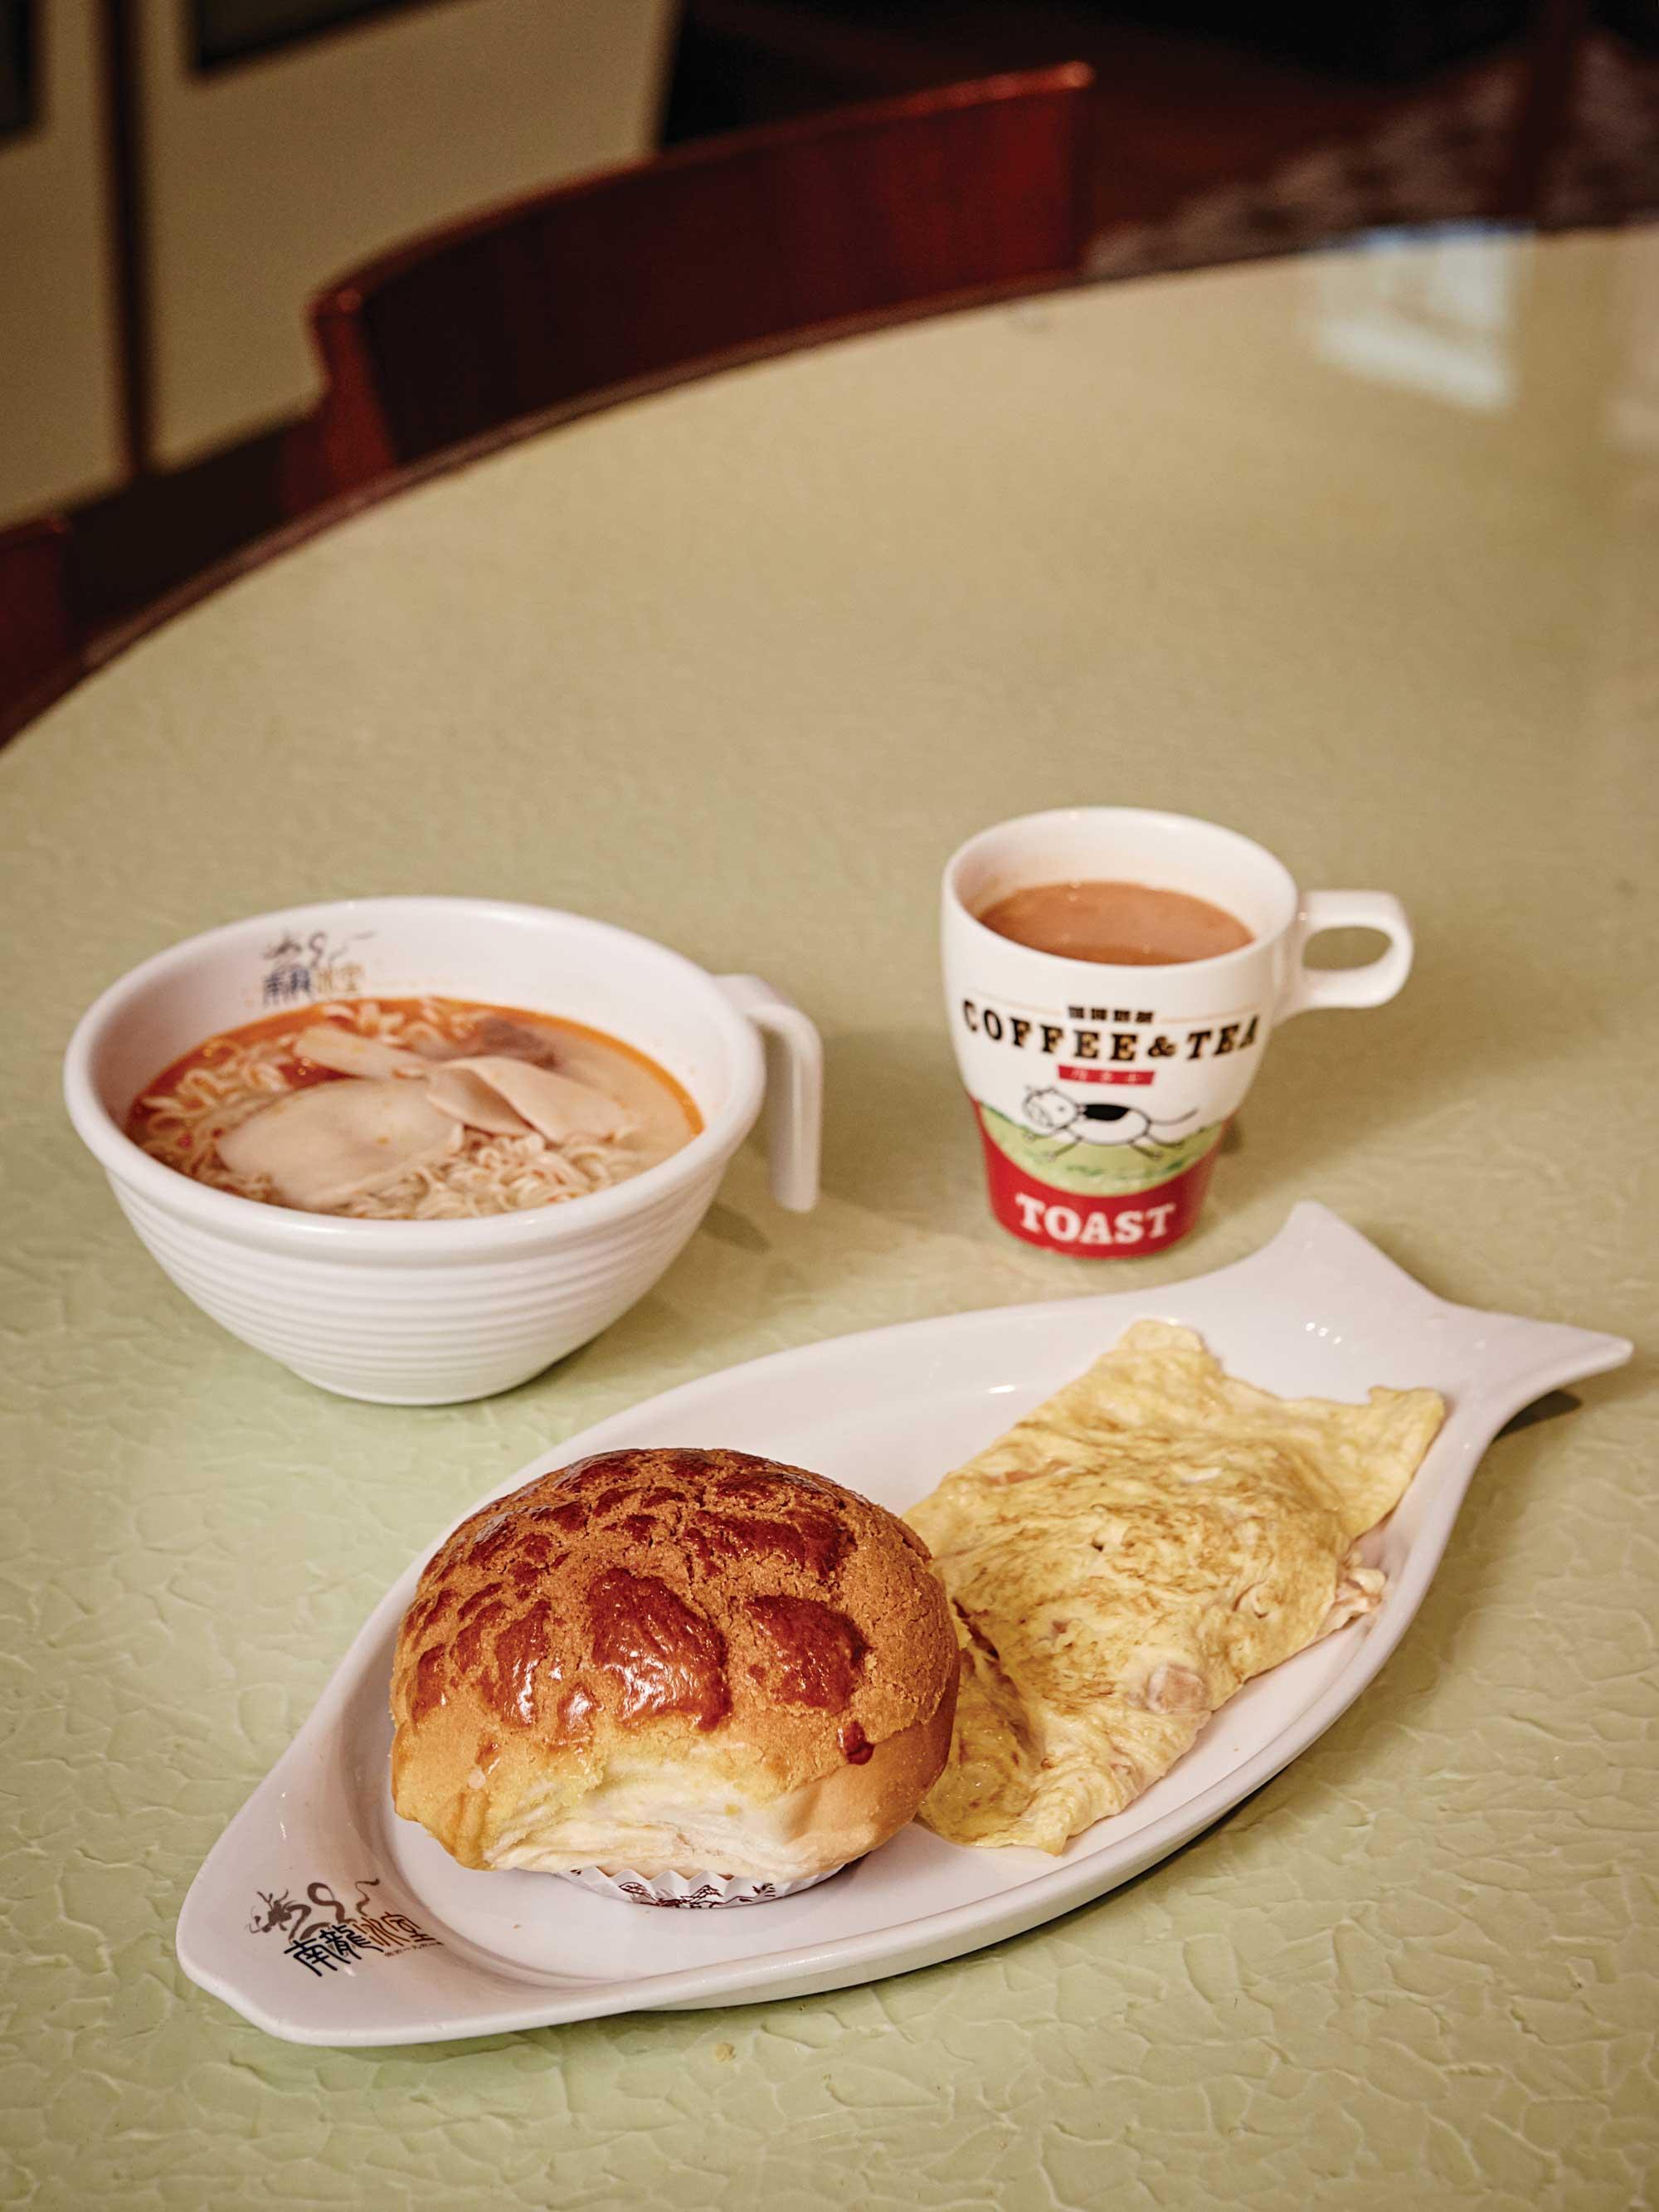 홍콩 사람들이 아침을 즐기는 남룽 카페의 아침 세트 메뉴.